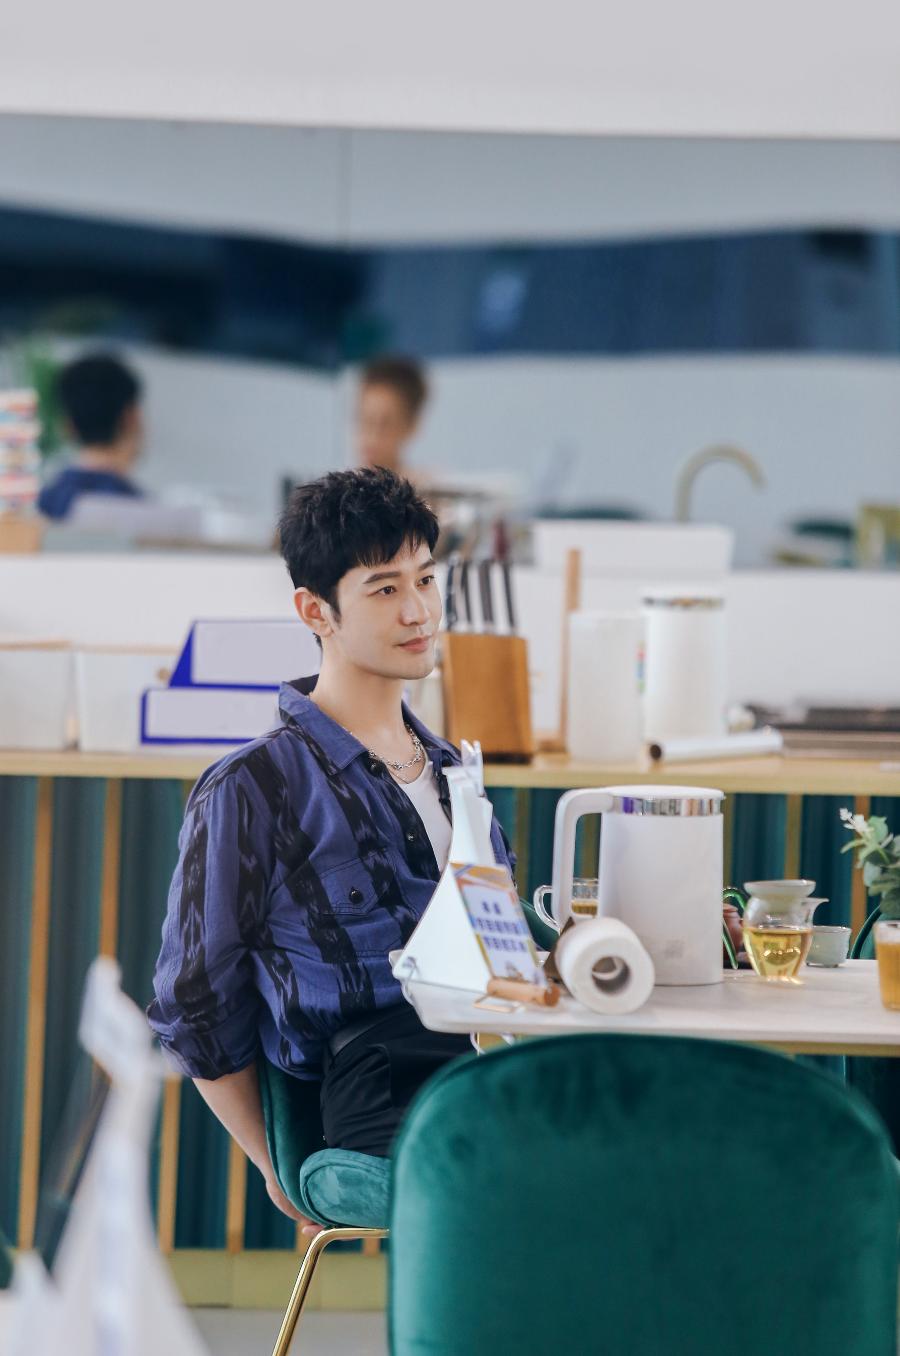 """《中餐厅5》喜迎开业 黄晓明丁真上演""""突然的拥抱"""""""